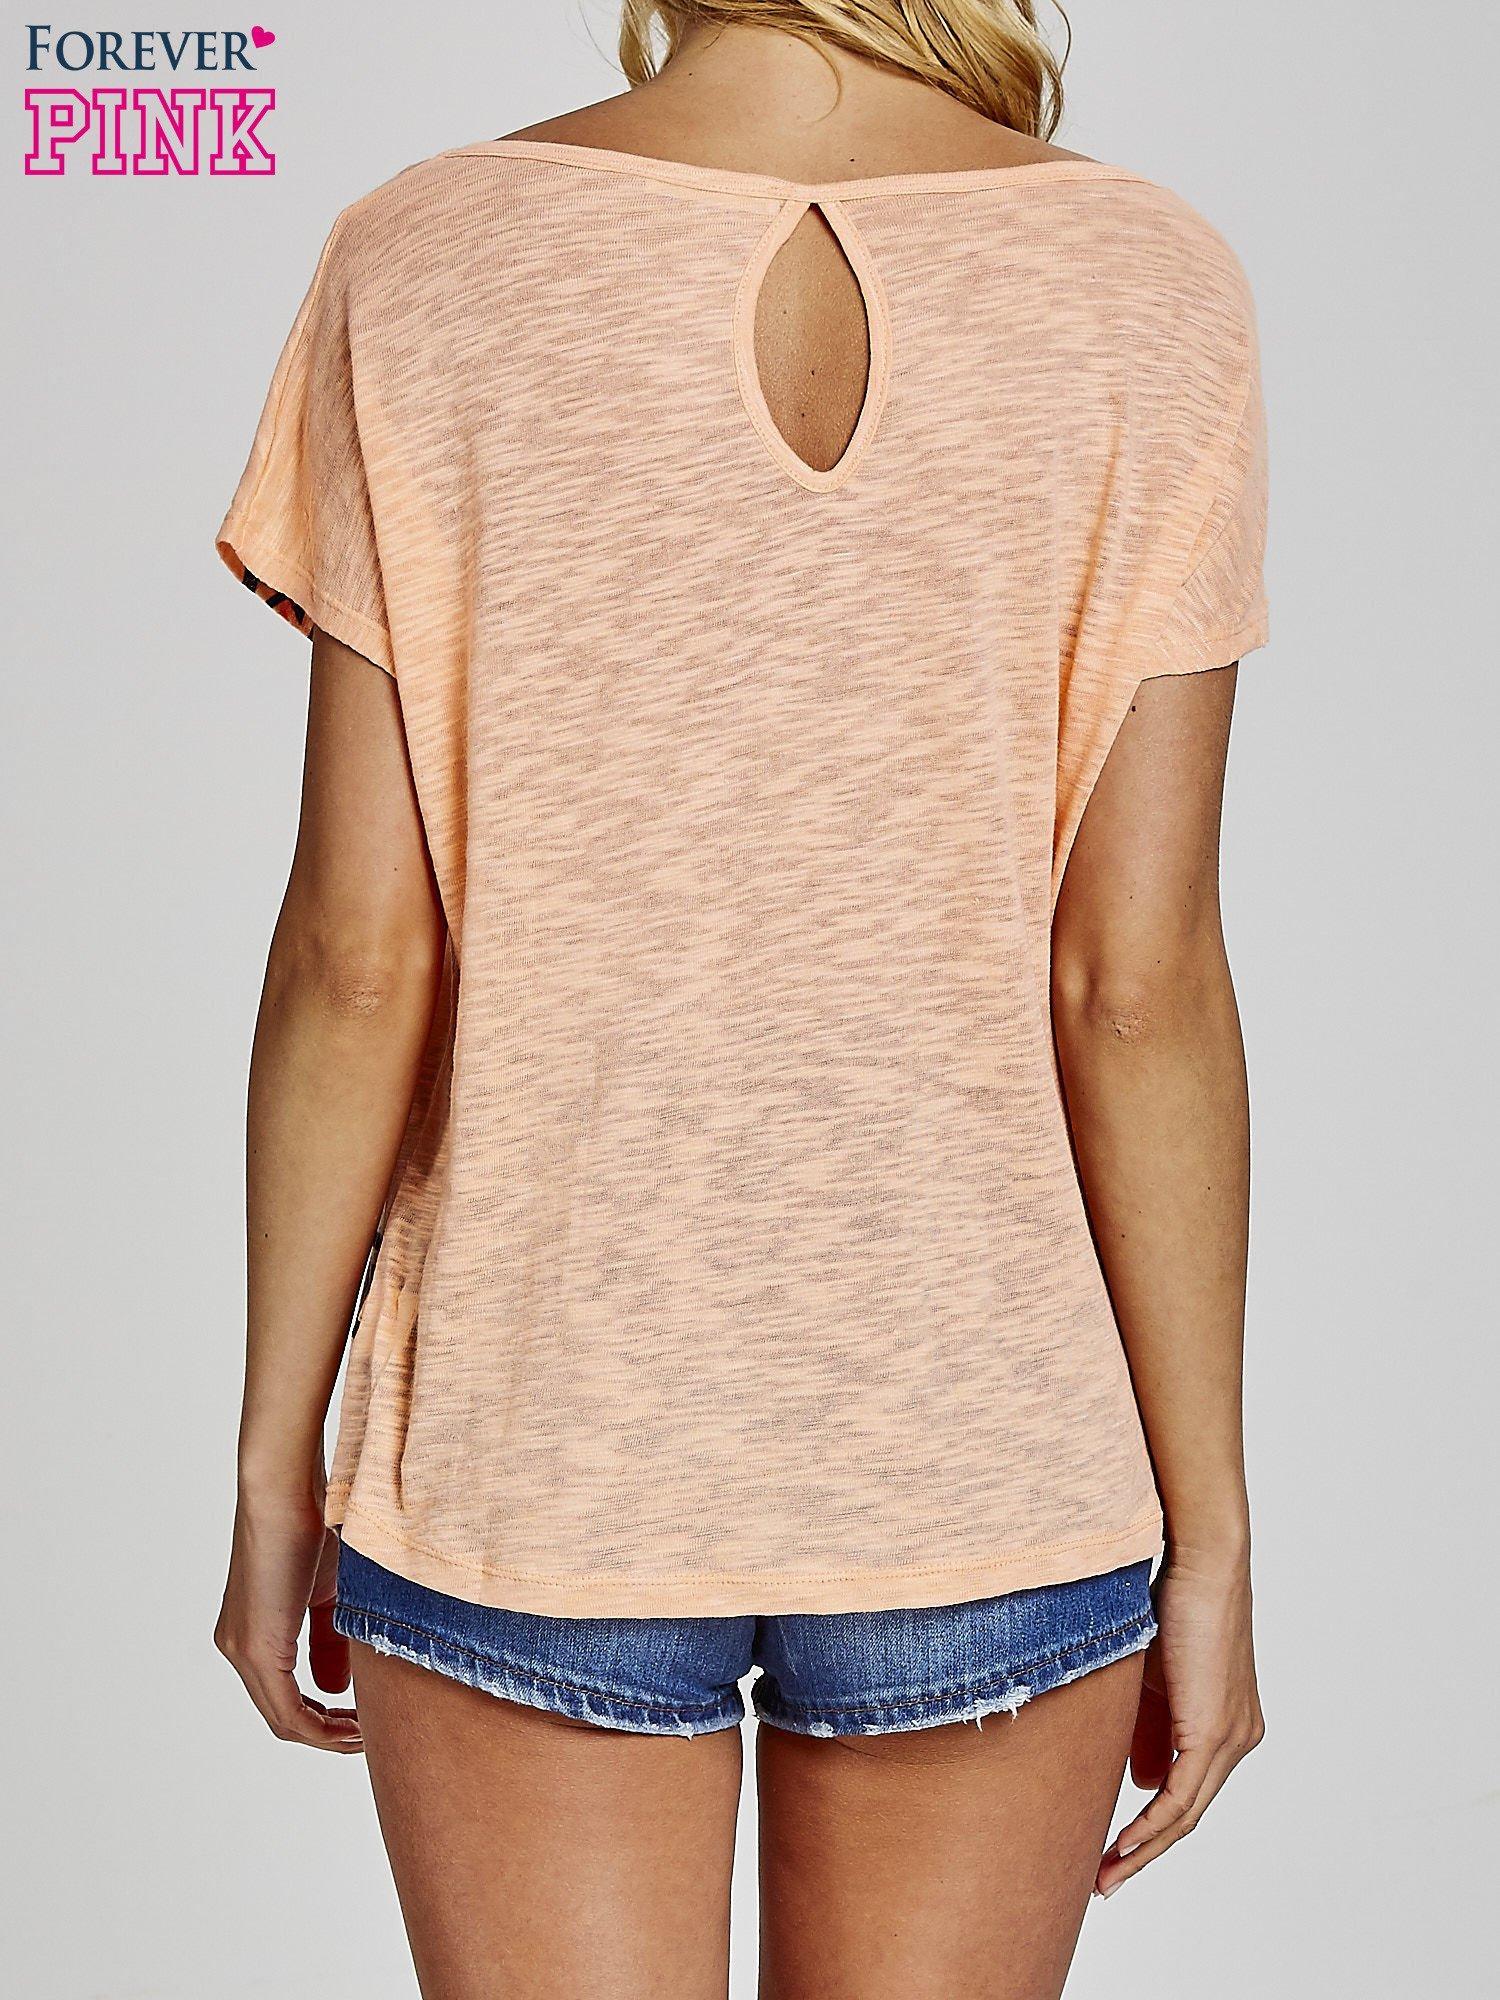 Pomarańczowy t-shirt we wzory azteckie z dżetami                                  zdj.                                  4